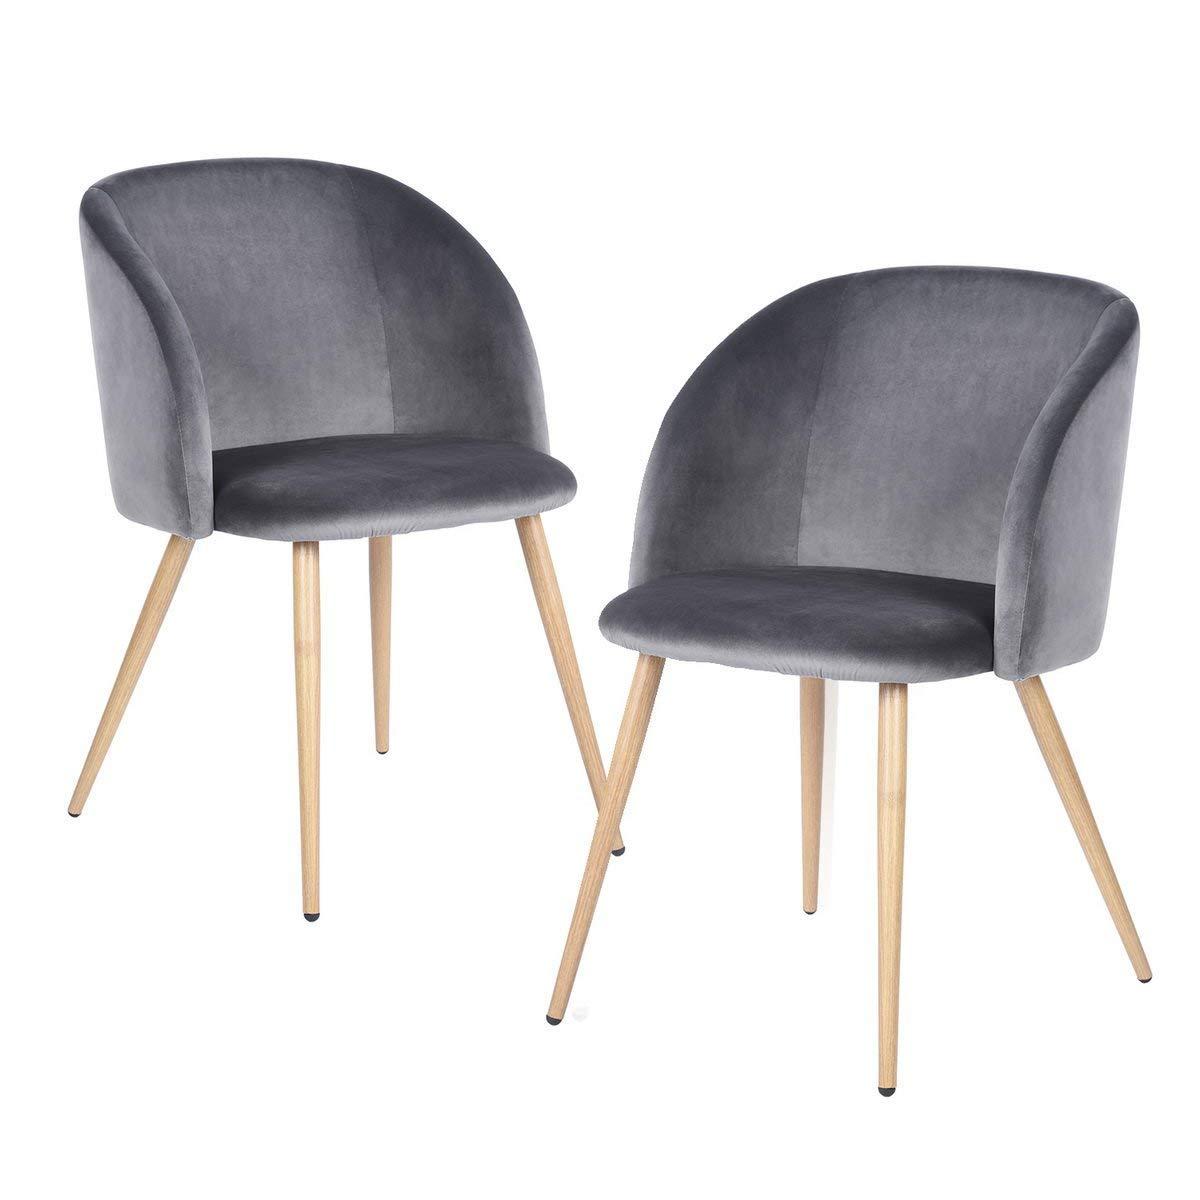 H.J WeDoo 2er Set Vintager Retro Stuhl Polstersessel Sessel Polstersessel Stuhl Samt Lounge Sessel Clubsessel Fernsehsessel mit hölzernen Metallbeine (Grün) 93f5d9